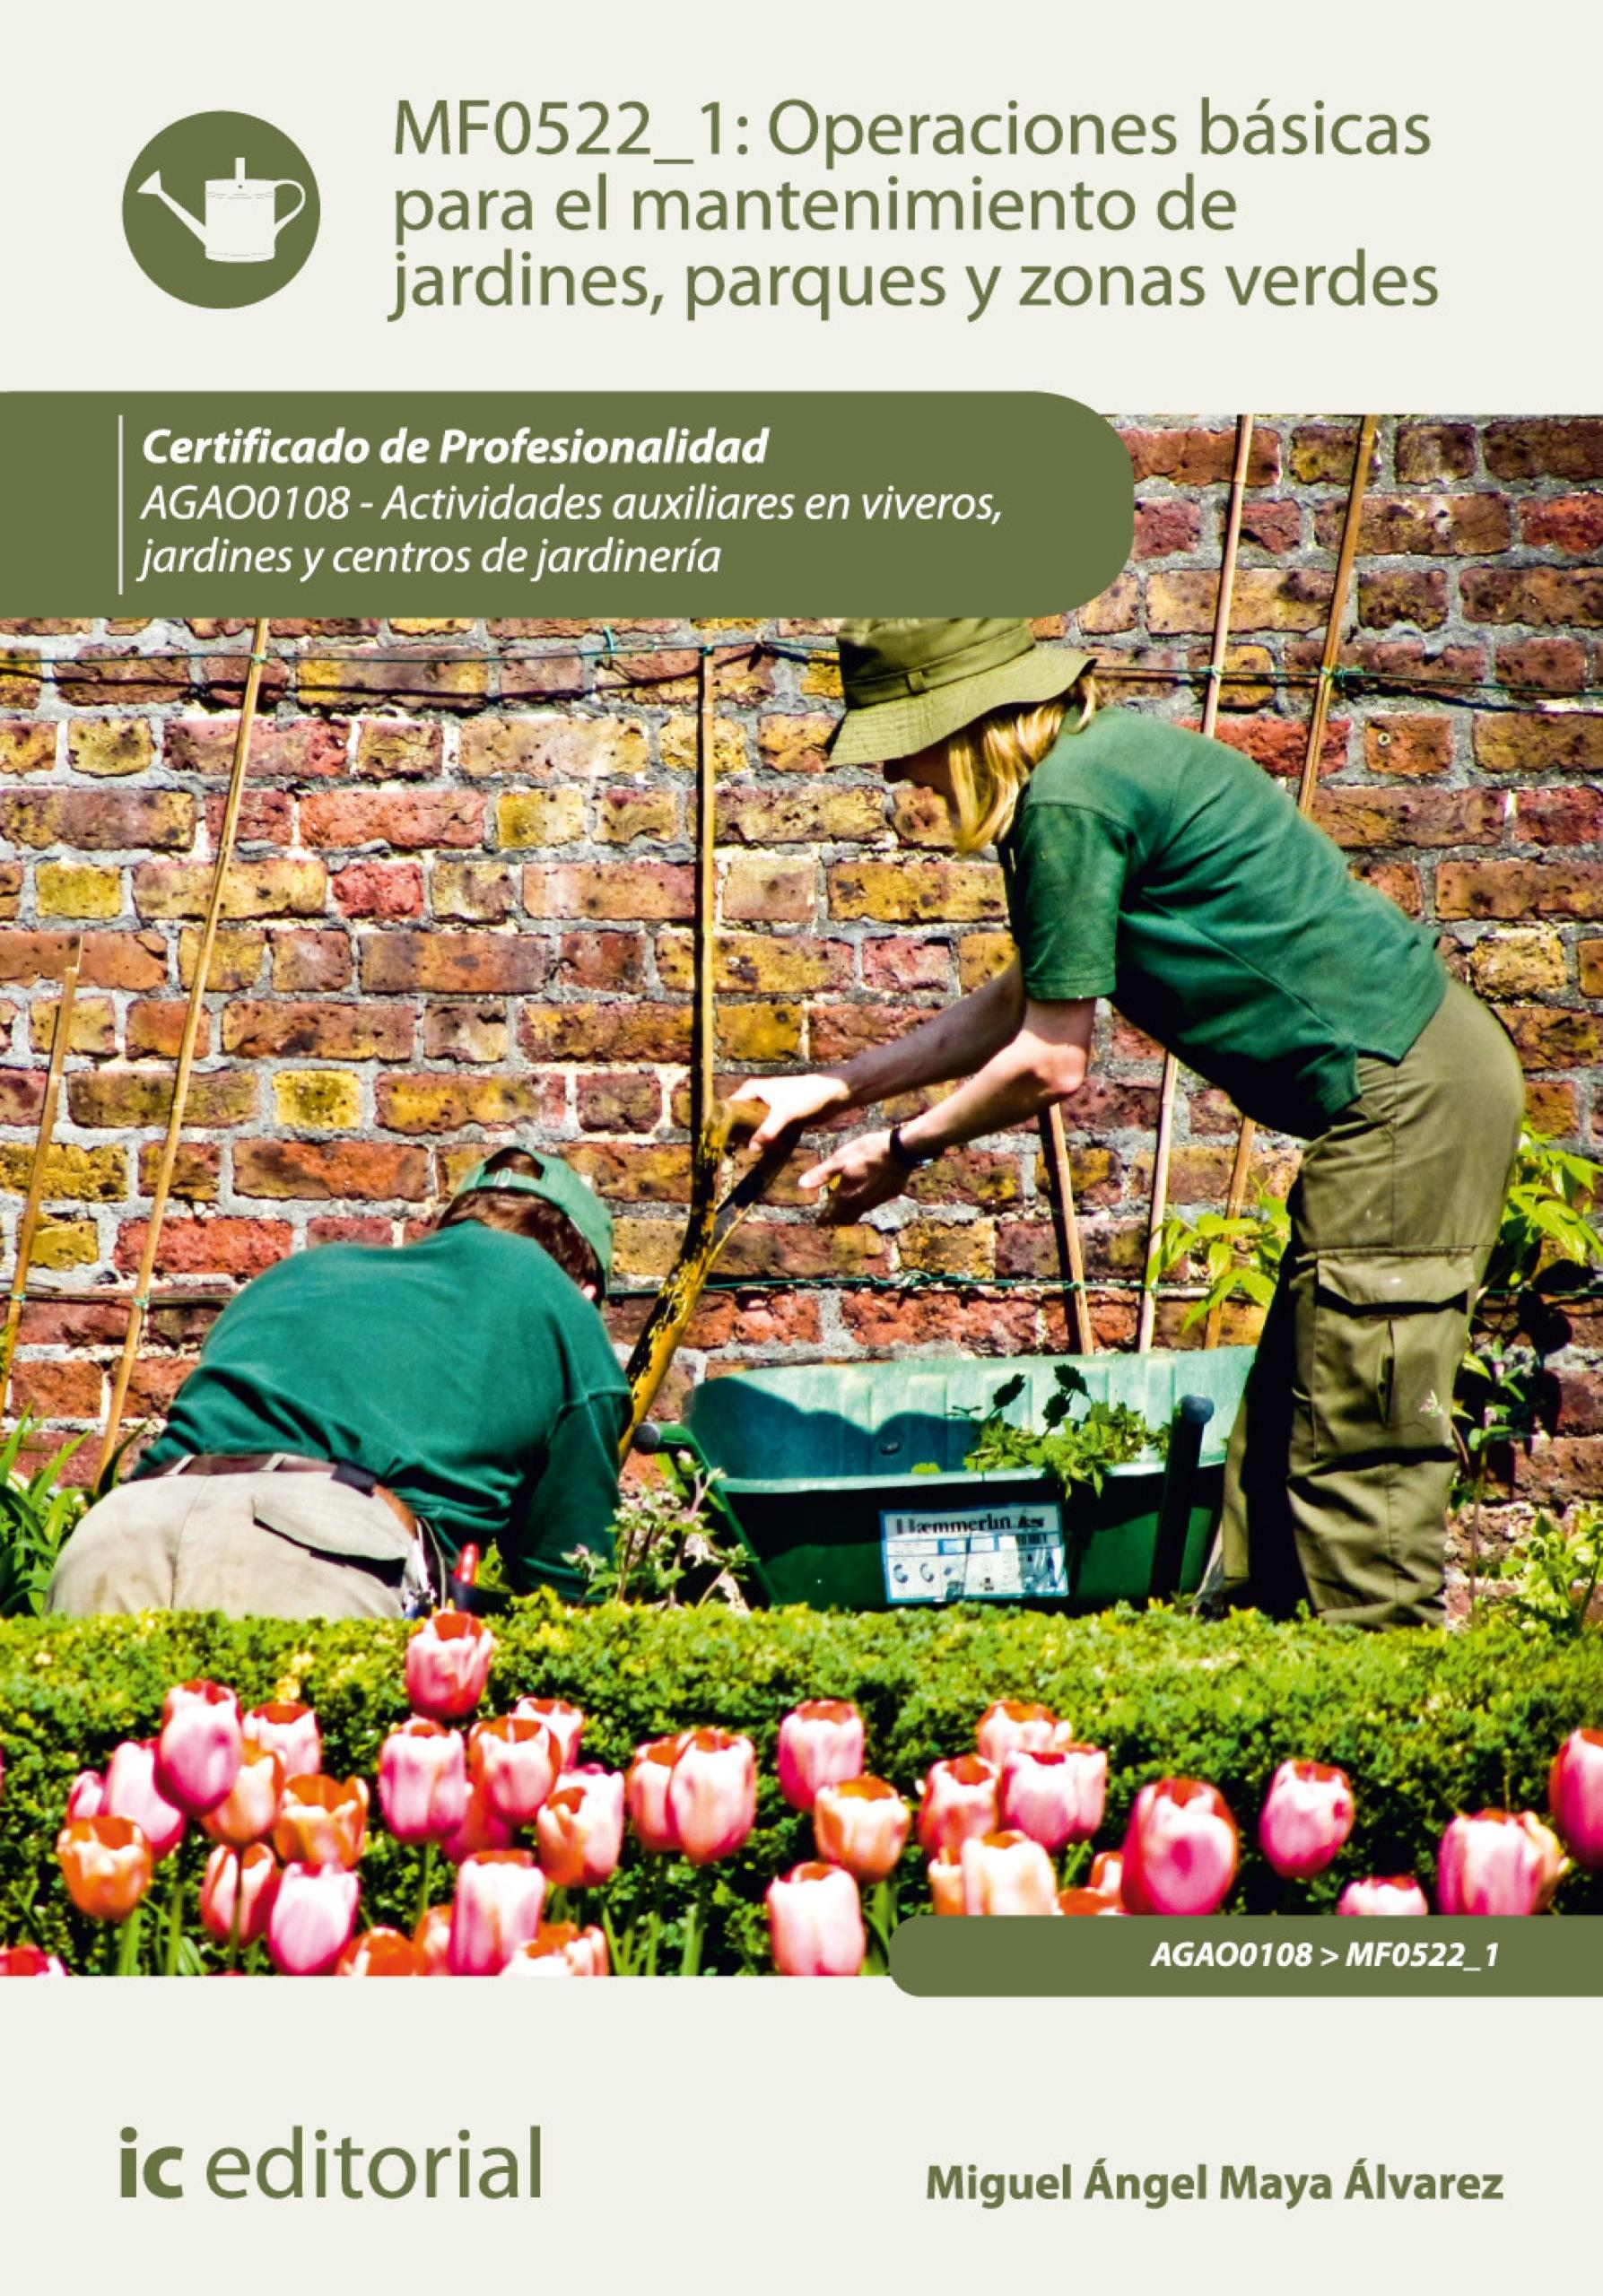 Operaciones básicas para el mantenimiento de jardines, parques y zonas verdes. AGAO0108